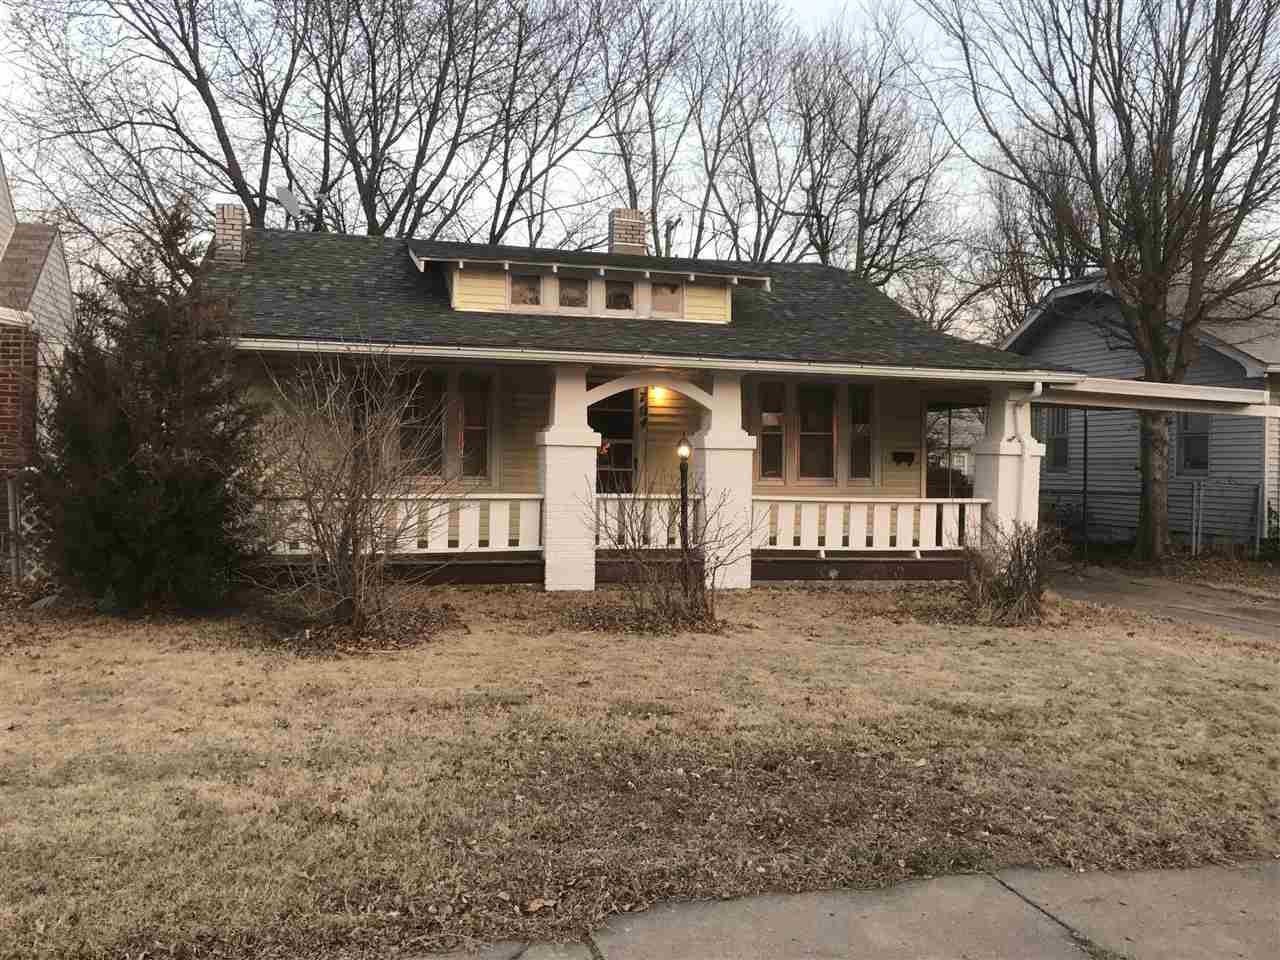 Homes for sale in Wichita, KS